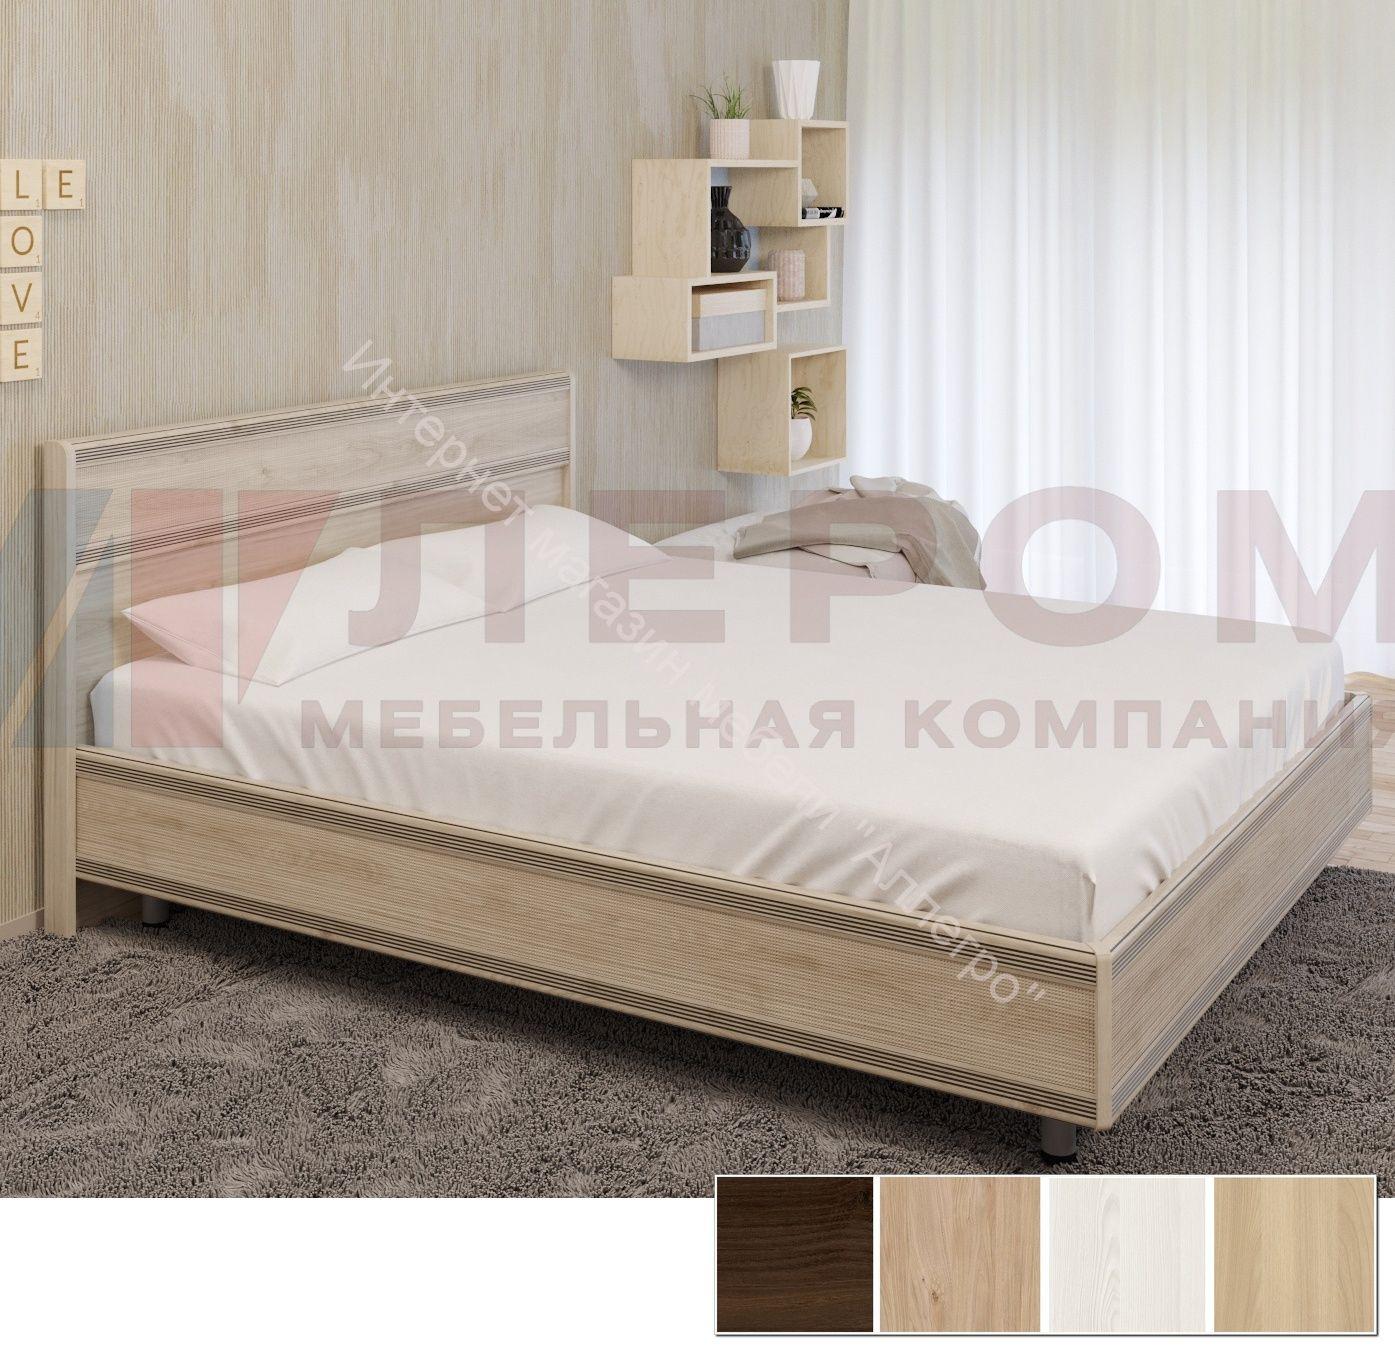 Кровать КР-2004 (1,8*2,0) Карина с жестким изголовьем